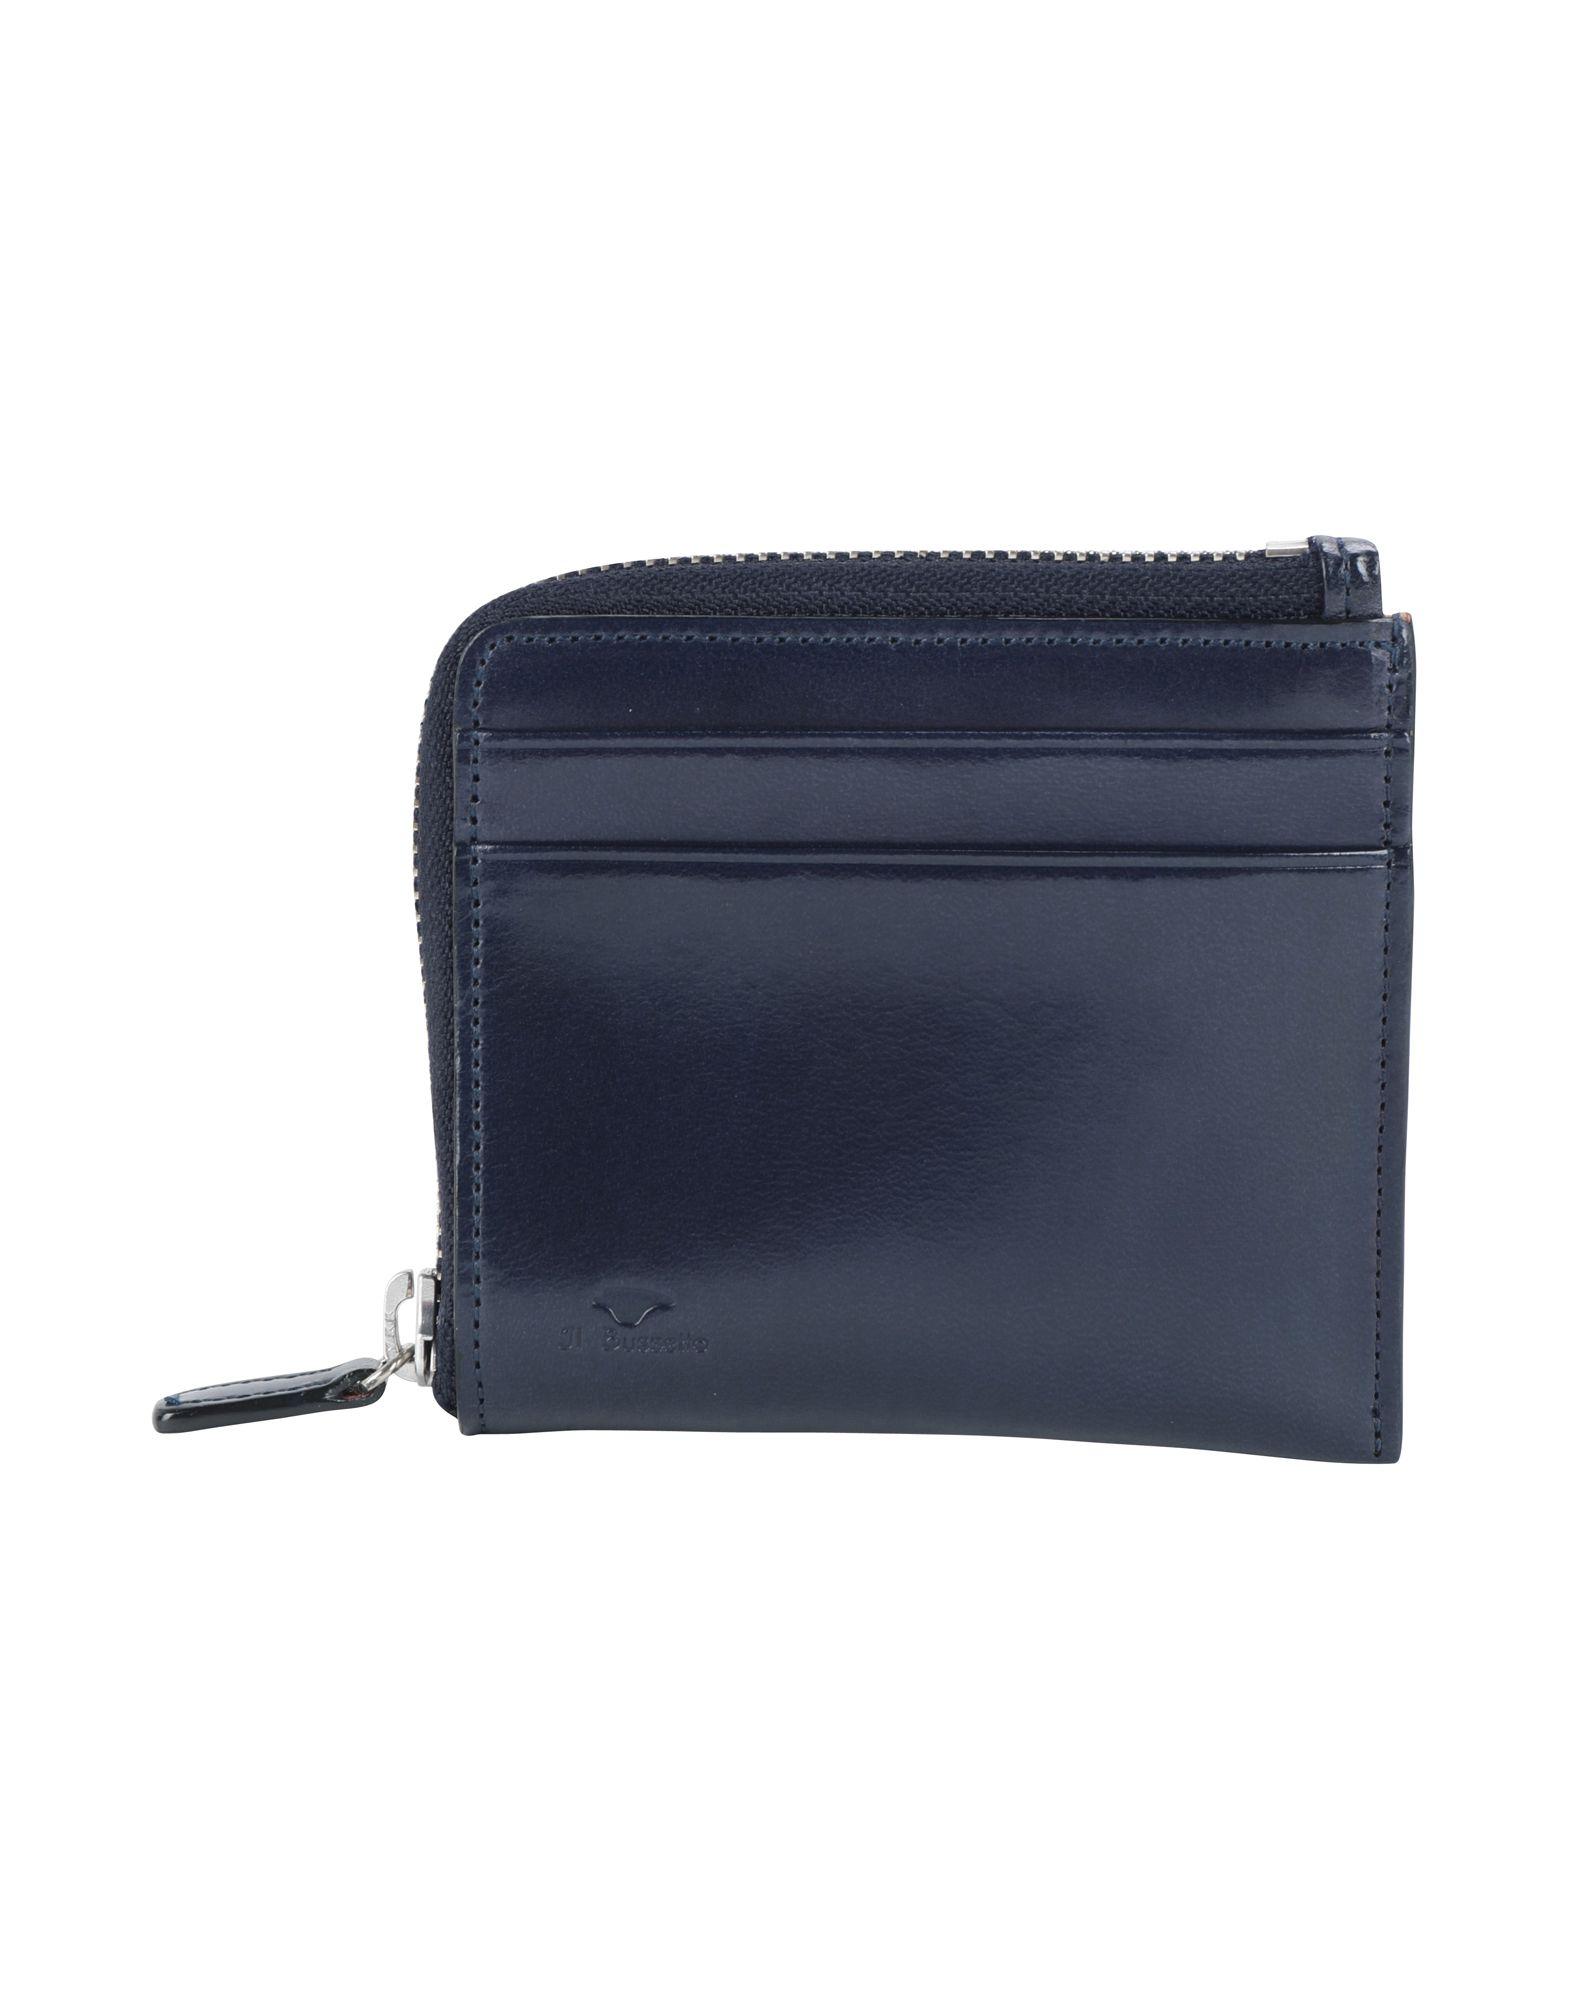 52f9b7915e11e Il Bussetto Wallets for Men - Il Bussetto Small Leather Goods